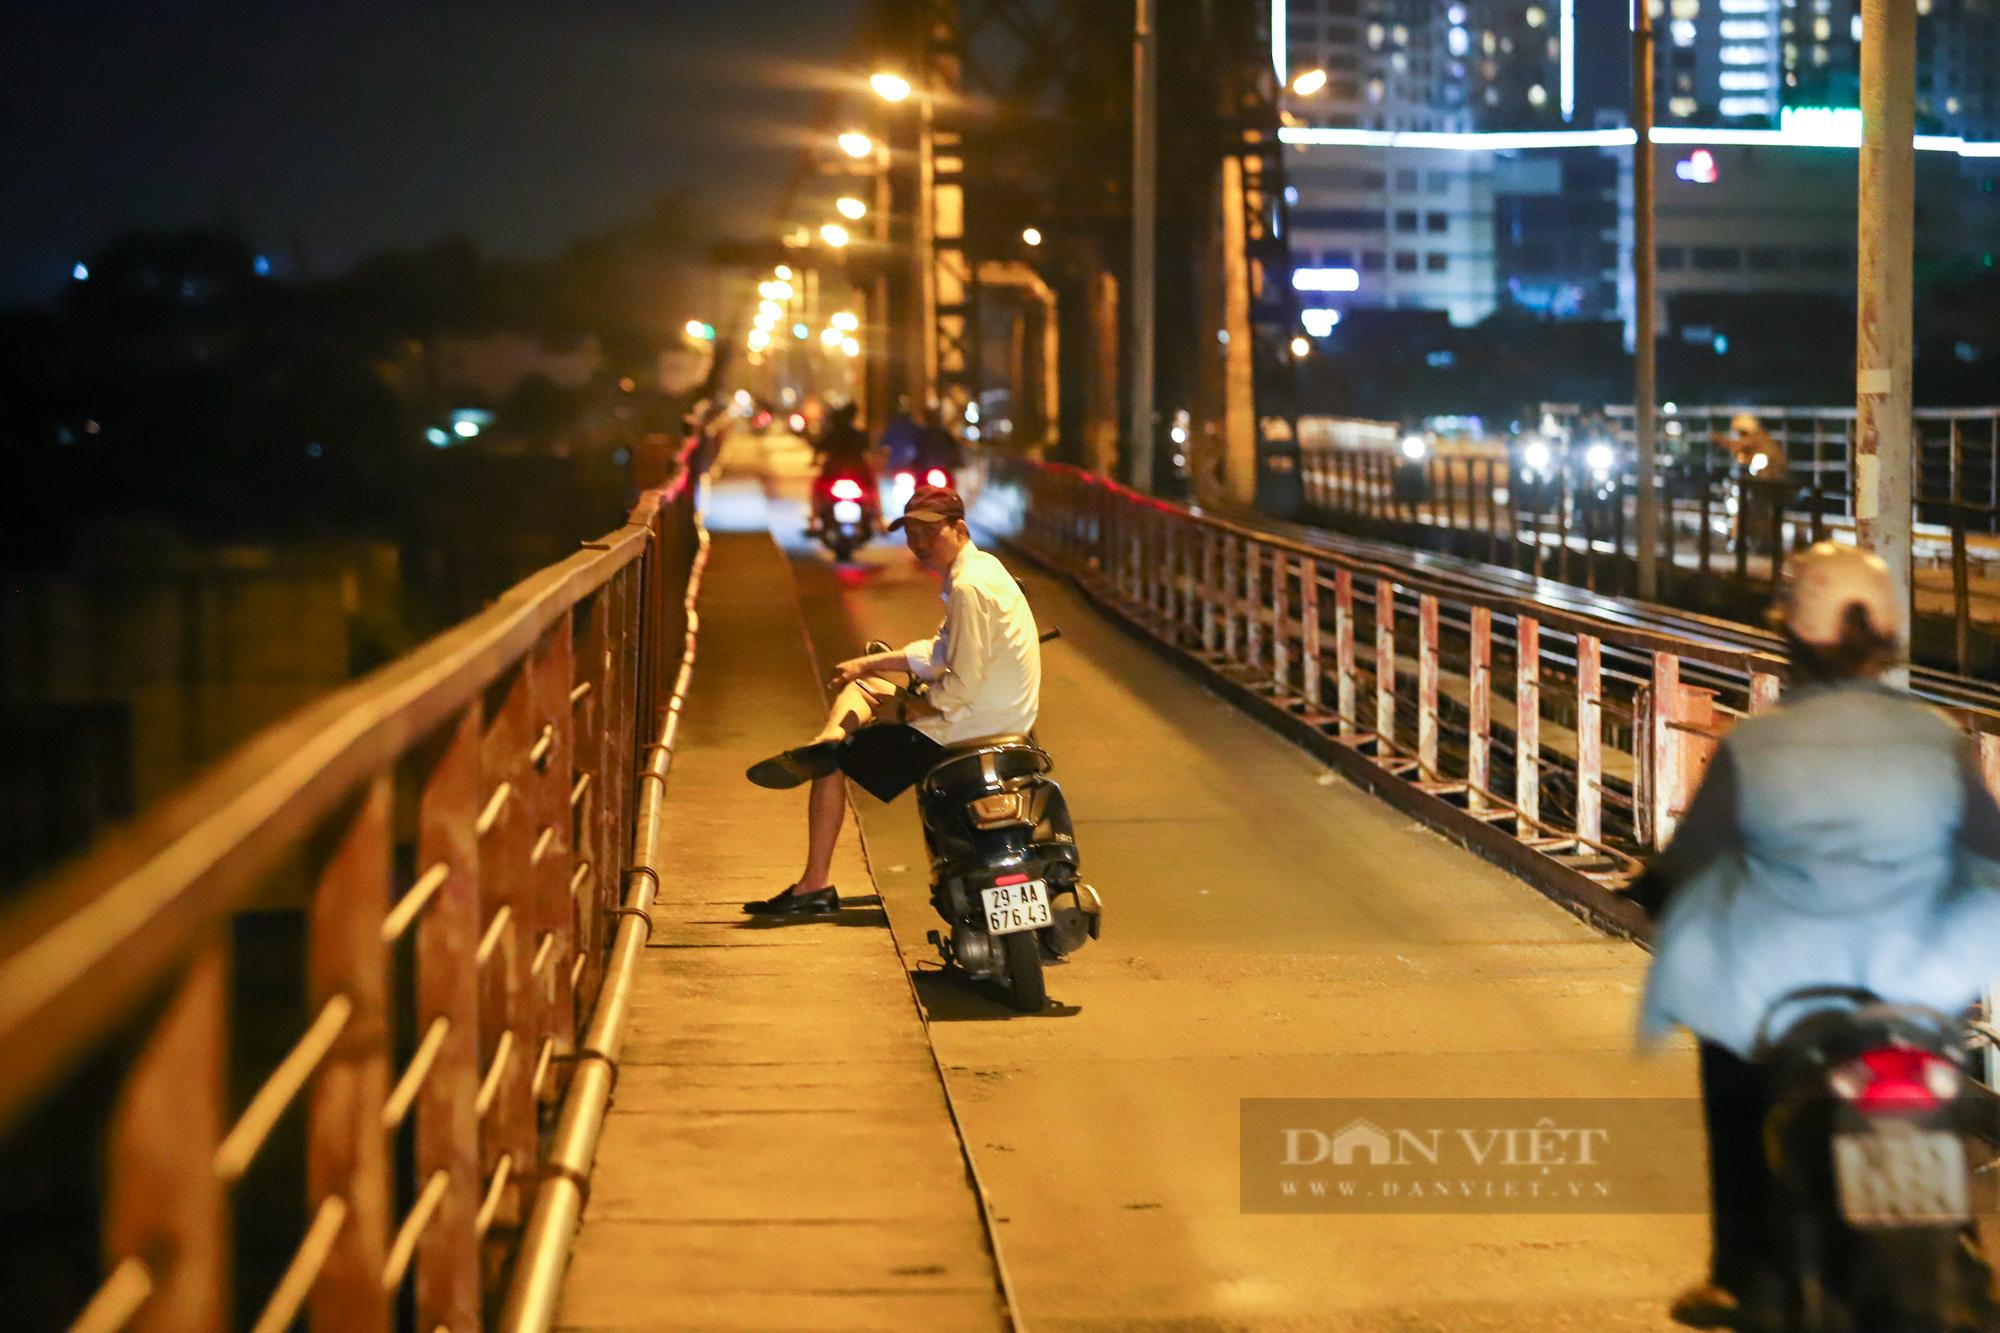 Cầu Long Biên đông đúc người hóng gió, bất chấp lệnh giãn cách xã hội - Ảnh 6.